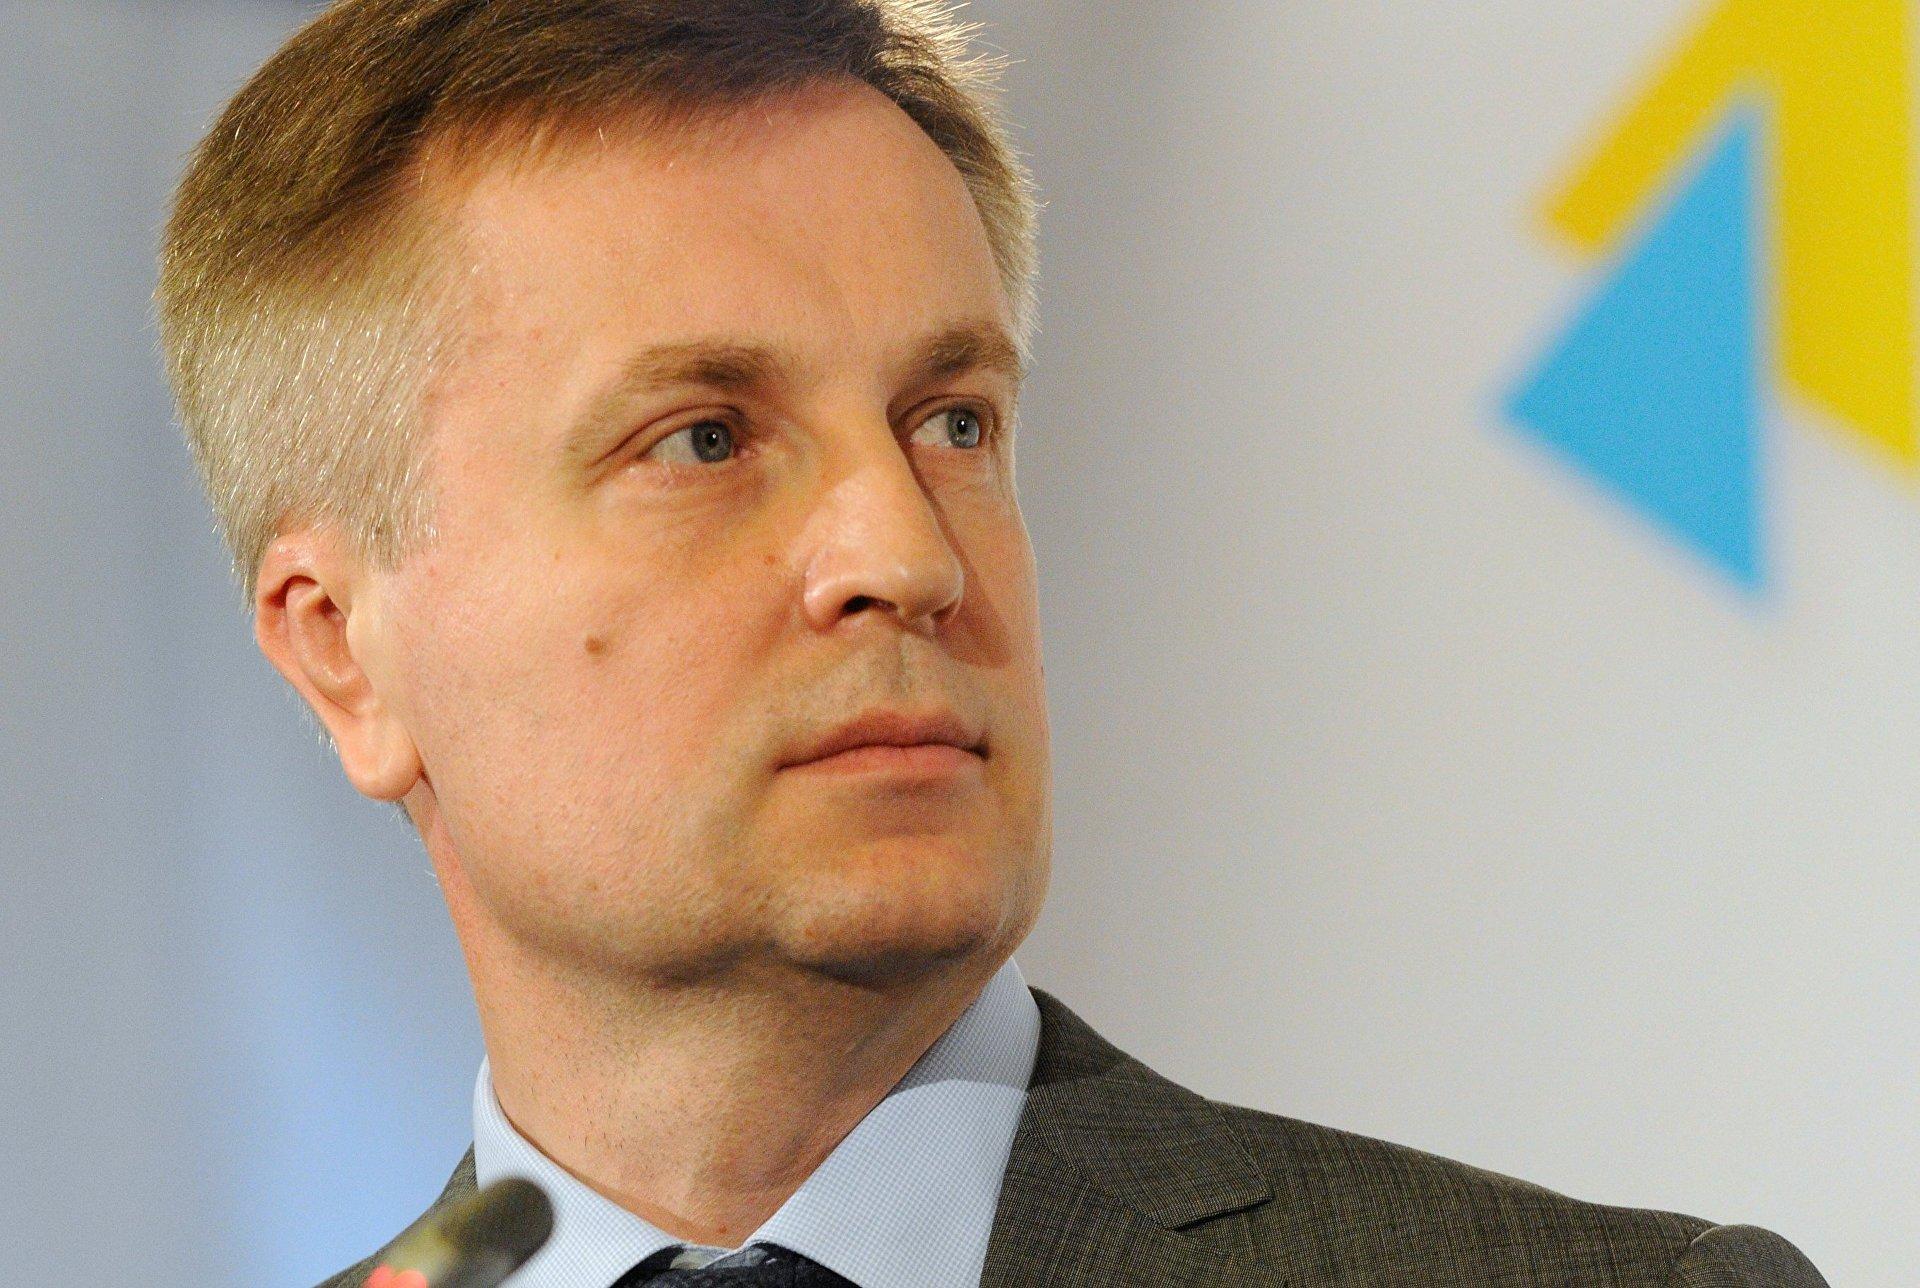 http://ukraina.ru/images/101410/46/1014104692.jpg